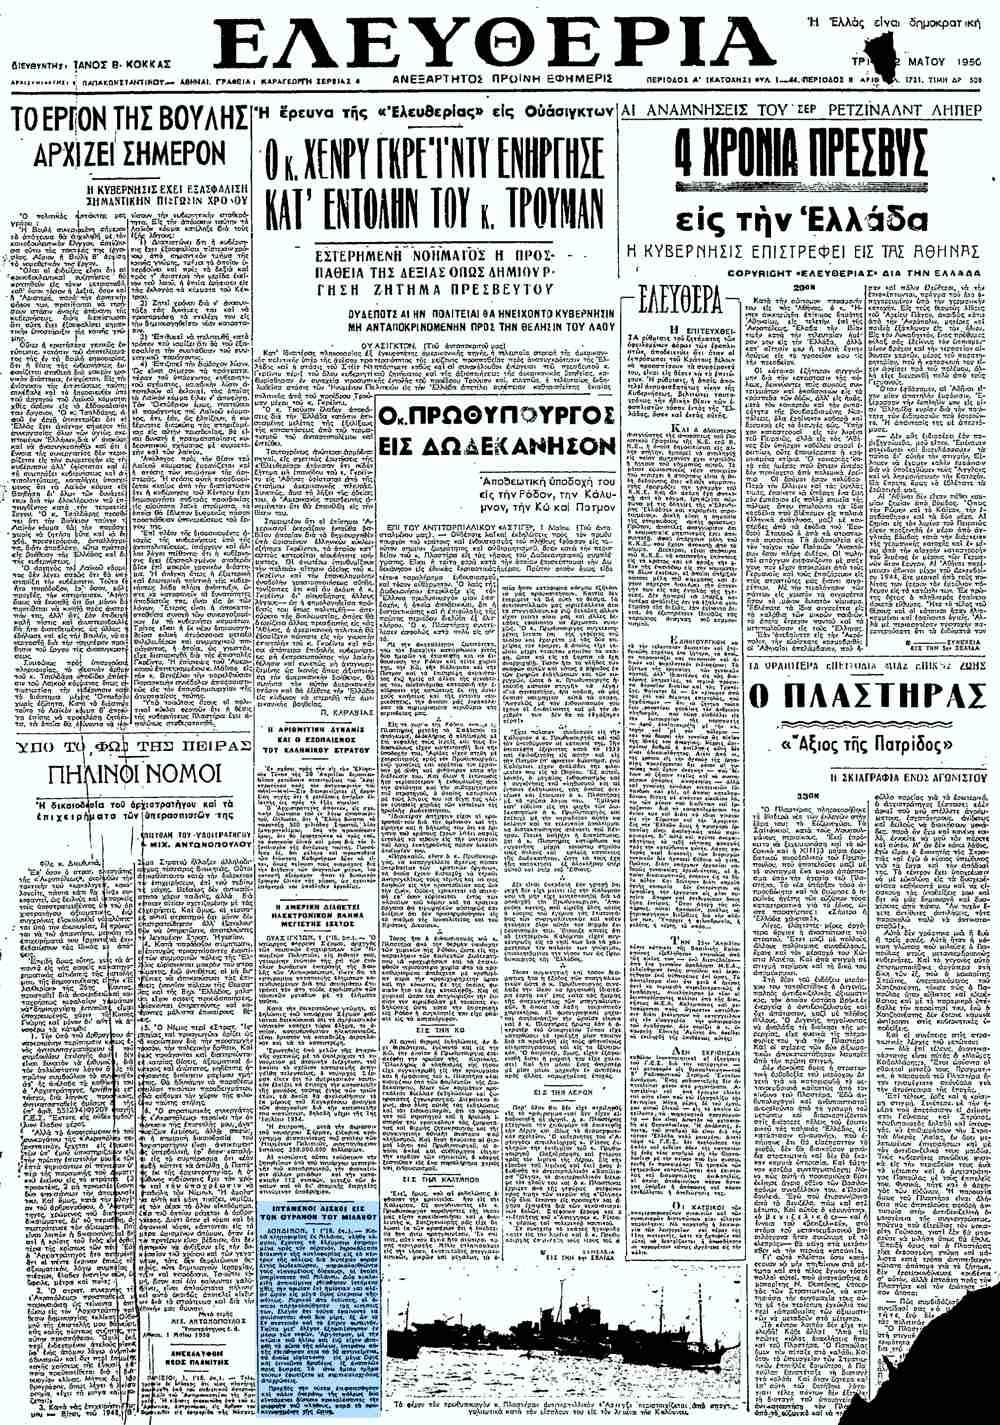 """Το άρθρο, όπως δημοσιεύθηκε στην εφημερίδα """"ΕΛΕΥΘΕΡΙΑ"""", στις 02/05/1950"""